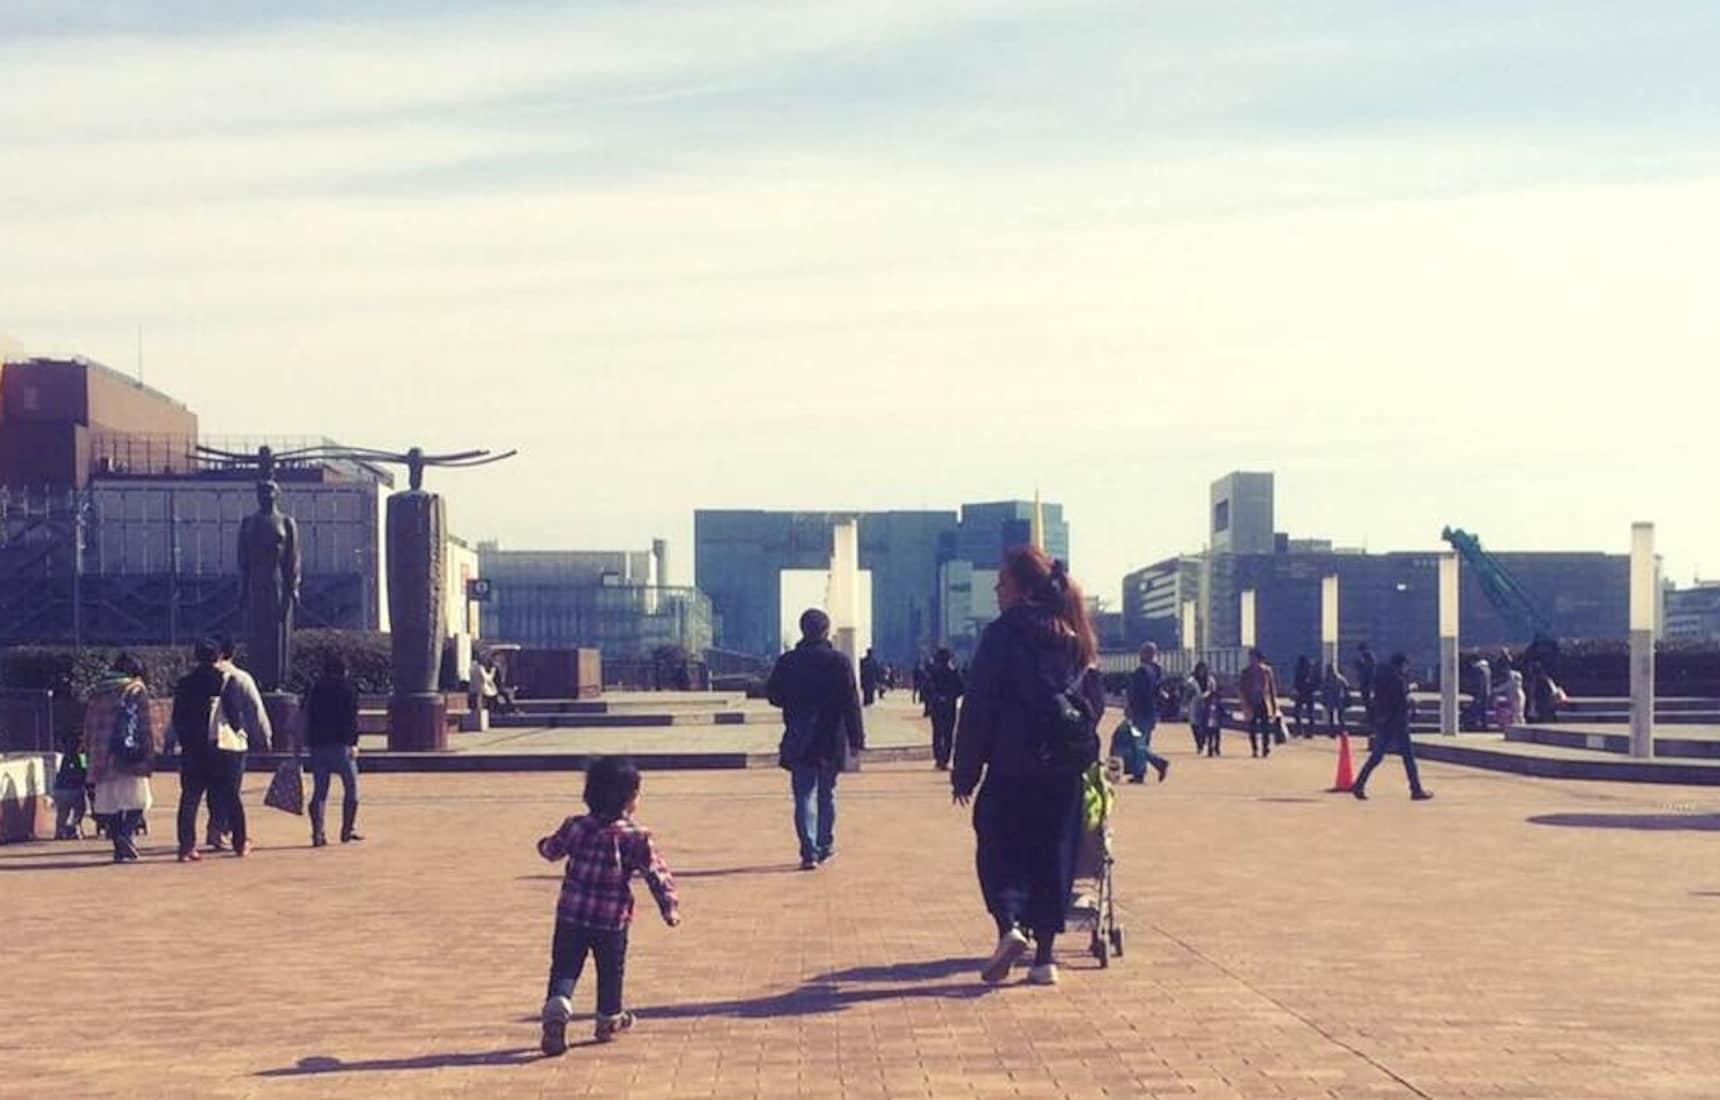 ญี่ปุ่น เมืองที่เข้าใจคุณแม่อย่างแท้จริง